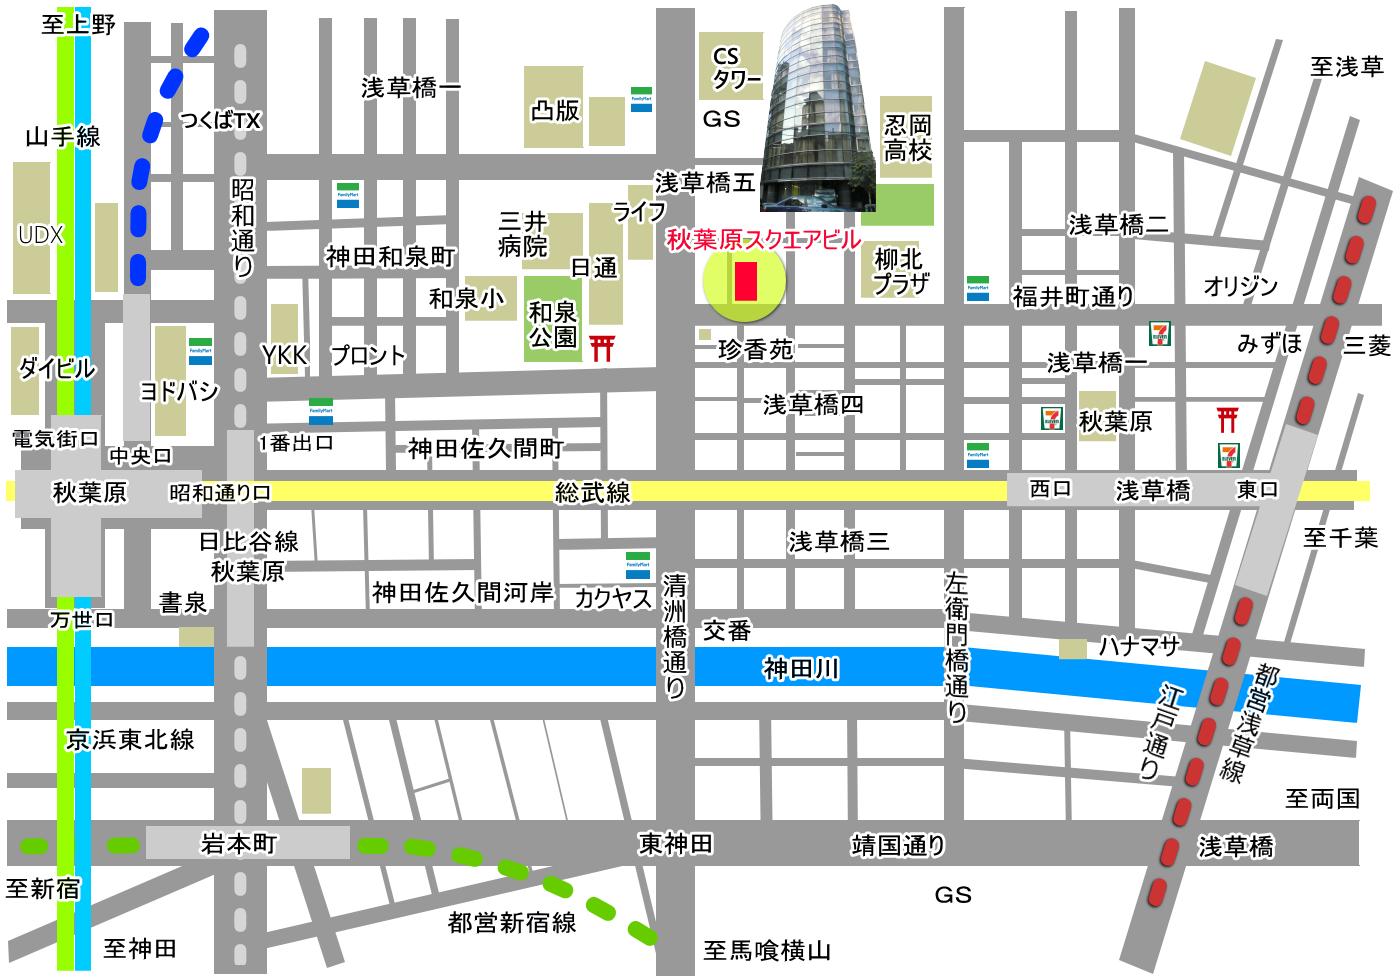 地図 素材 秋葉原スクエアビル PNG